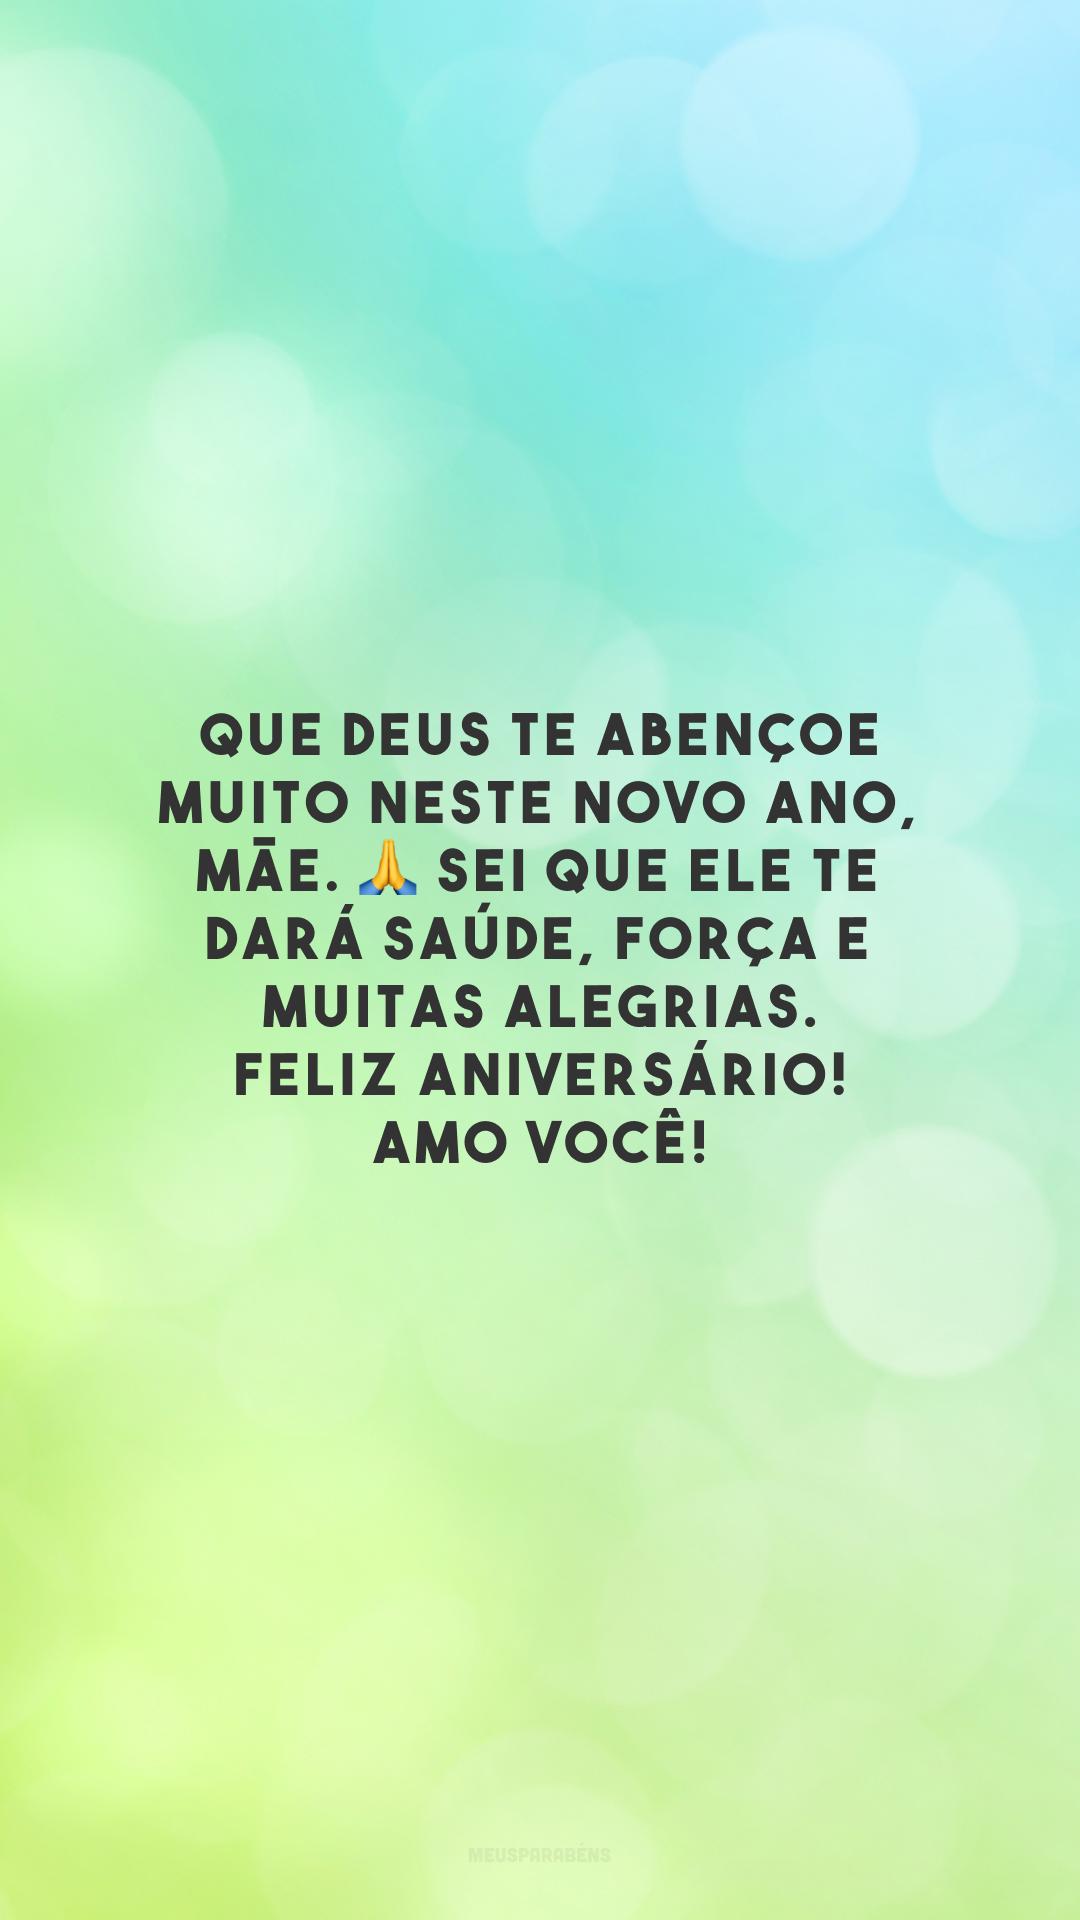 Que Deus te abençoe muito neste novo ano, mãe. 🙏 Sei que Ele te dará saúde, força e muitas alegrias. Feliz aniversário! Amo você!